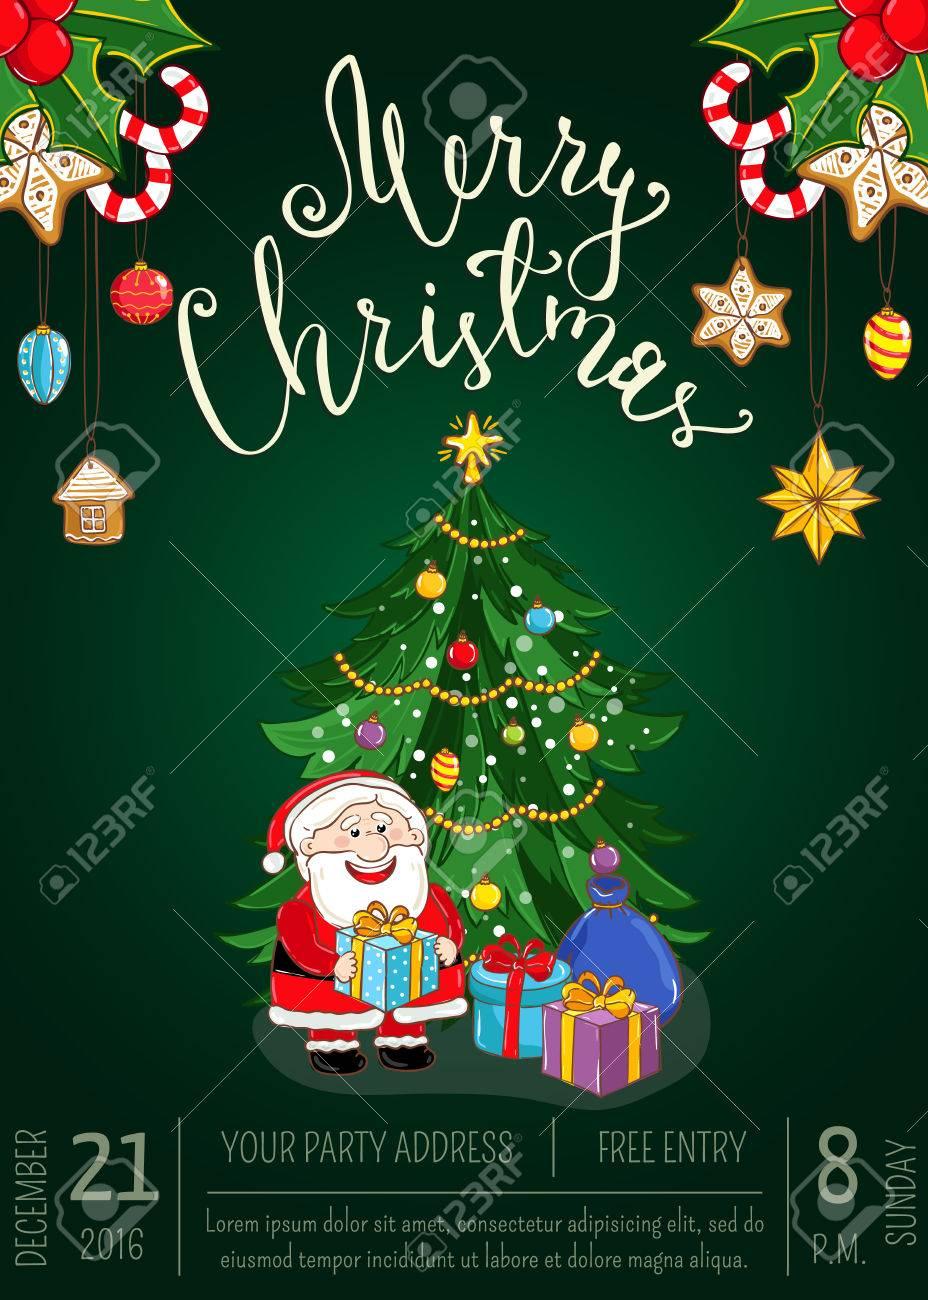 82dd1e059ef9 Affiche De Promo De La Fête De Noël Avec La Date, L heure. Père Noël,  Cadeaux, Arbre De Noël Décoré, Biscuits Au Gingembre, Houx, Vecteur De  Bande Dessinée ...